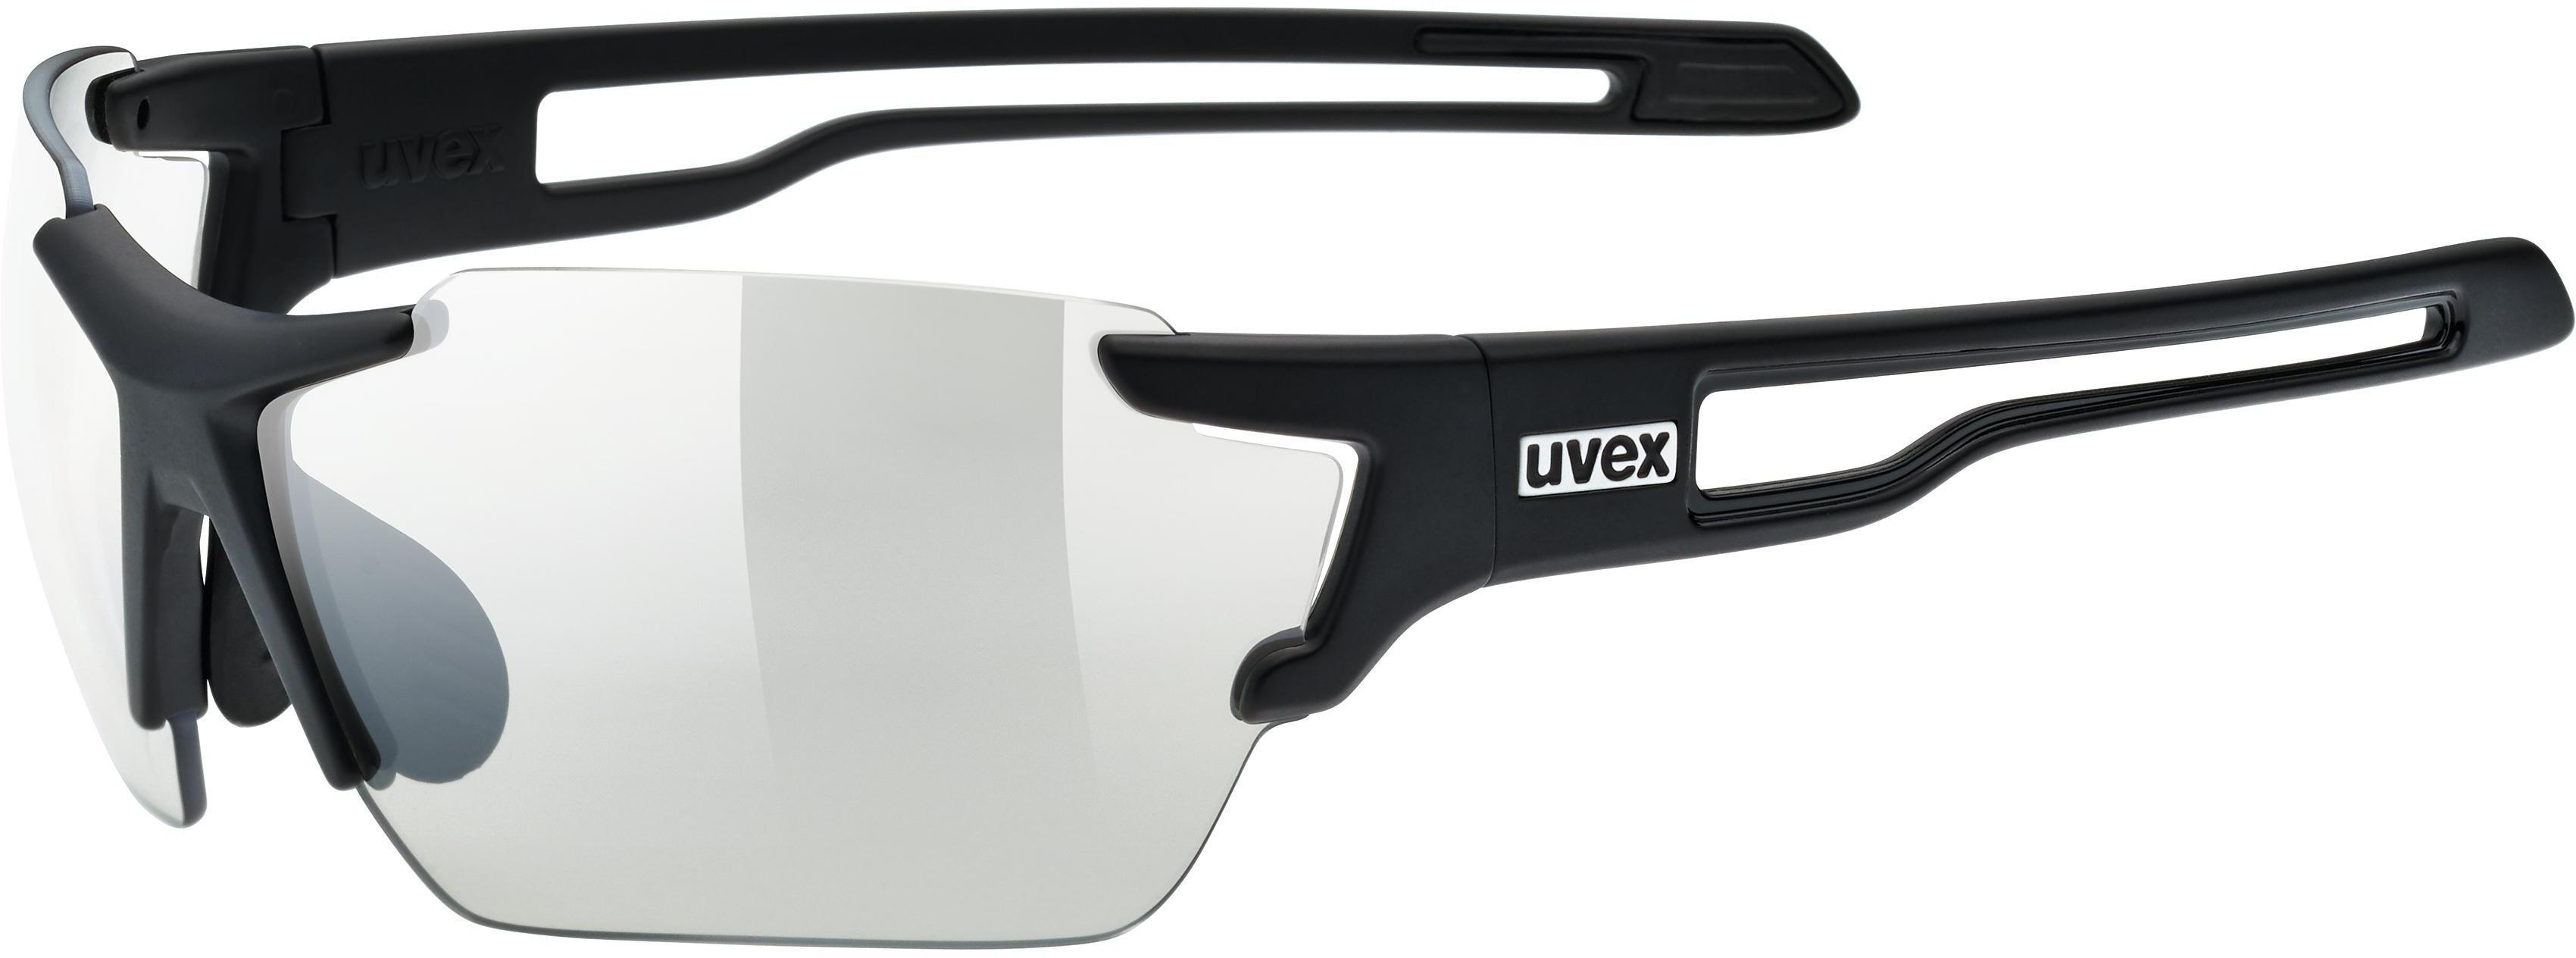 63b2037561a UVEX Sportstyle 803 V Bike Glasses black at Bikester.co.uk